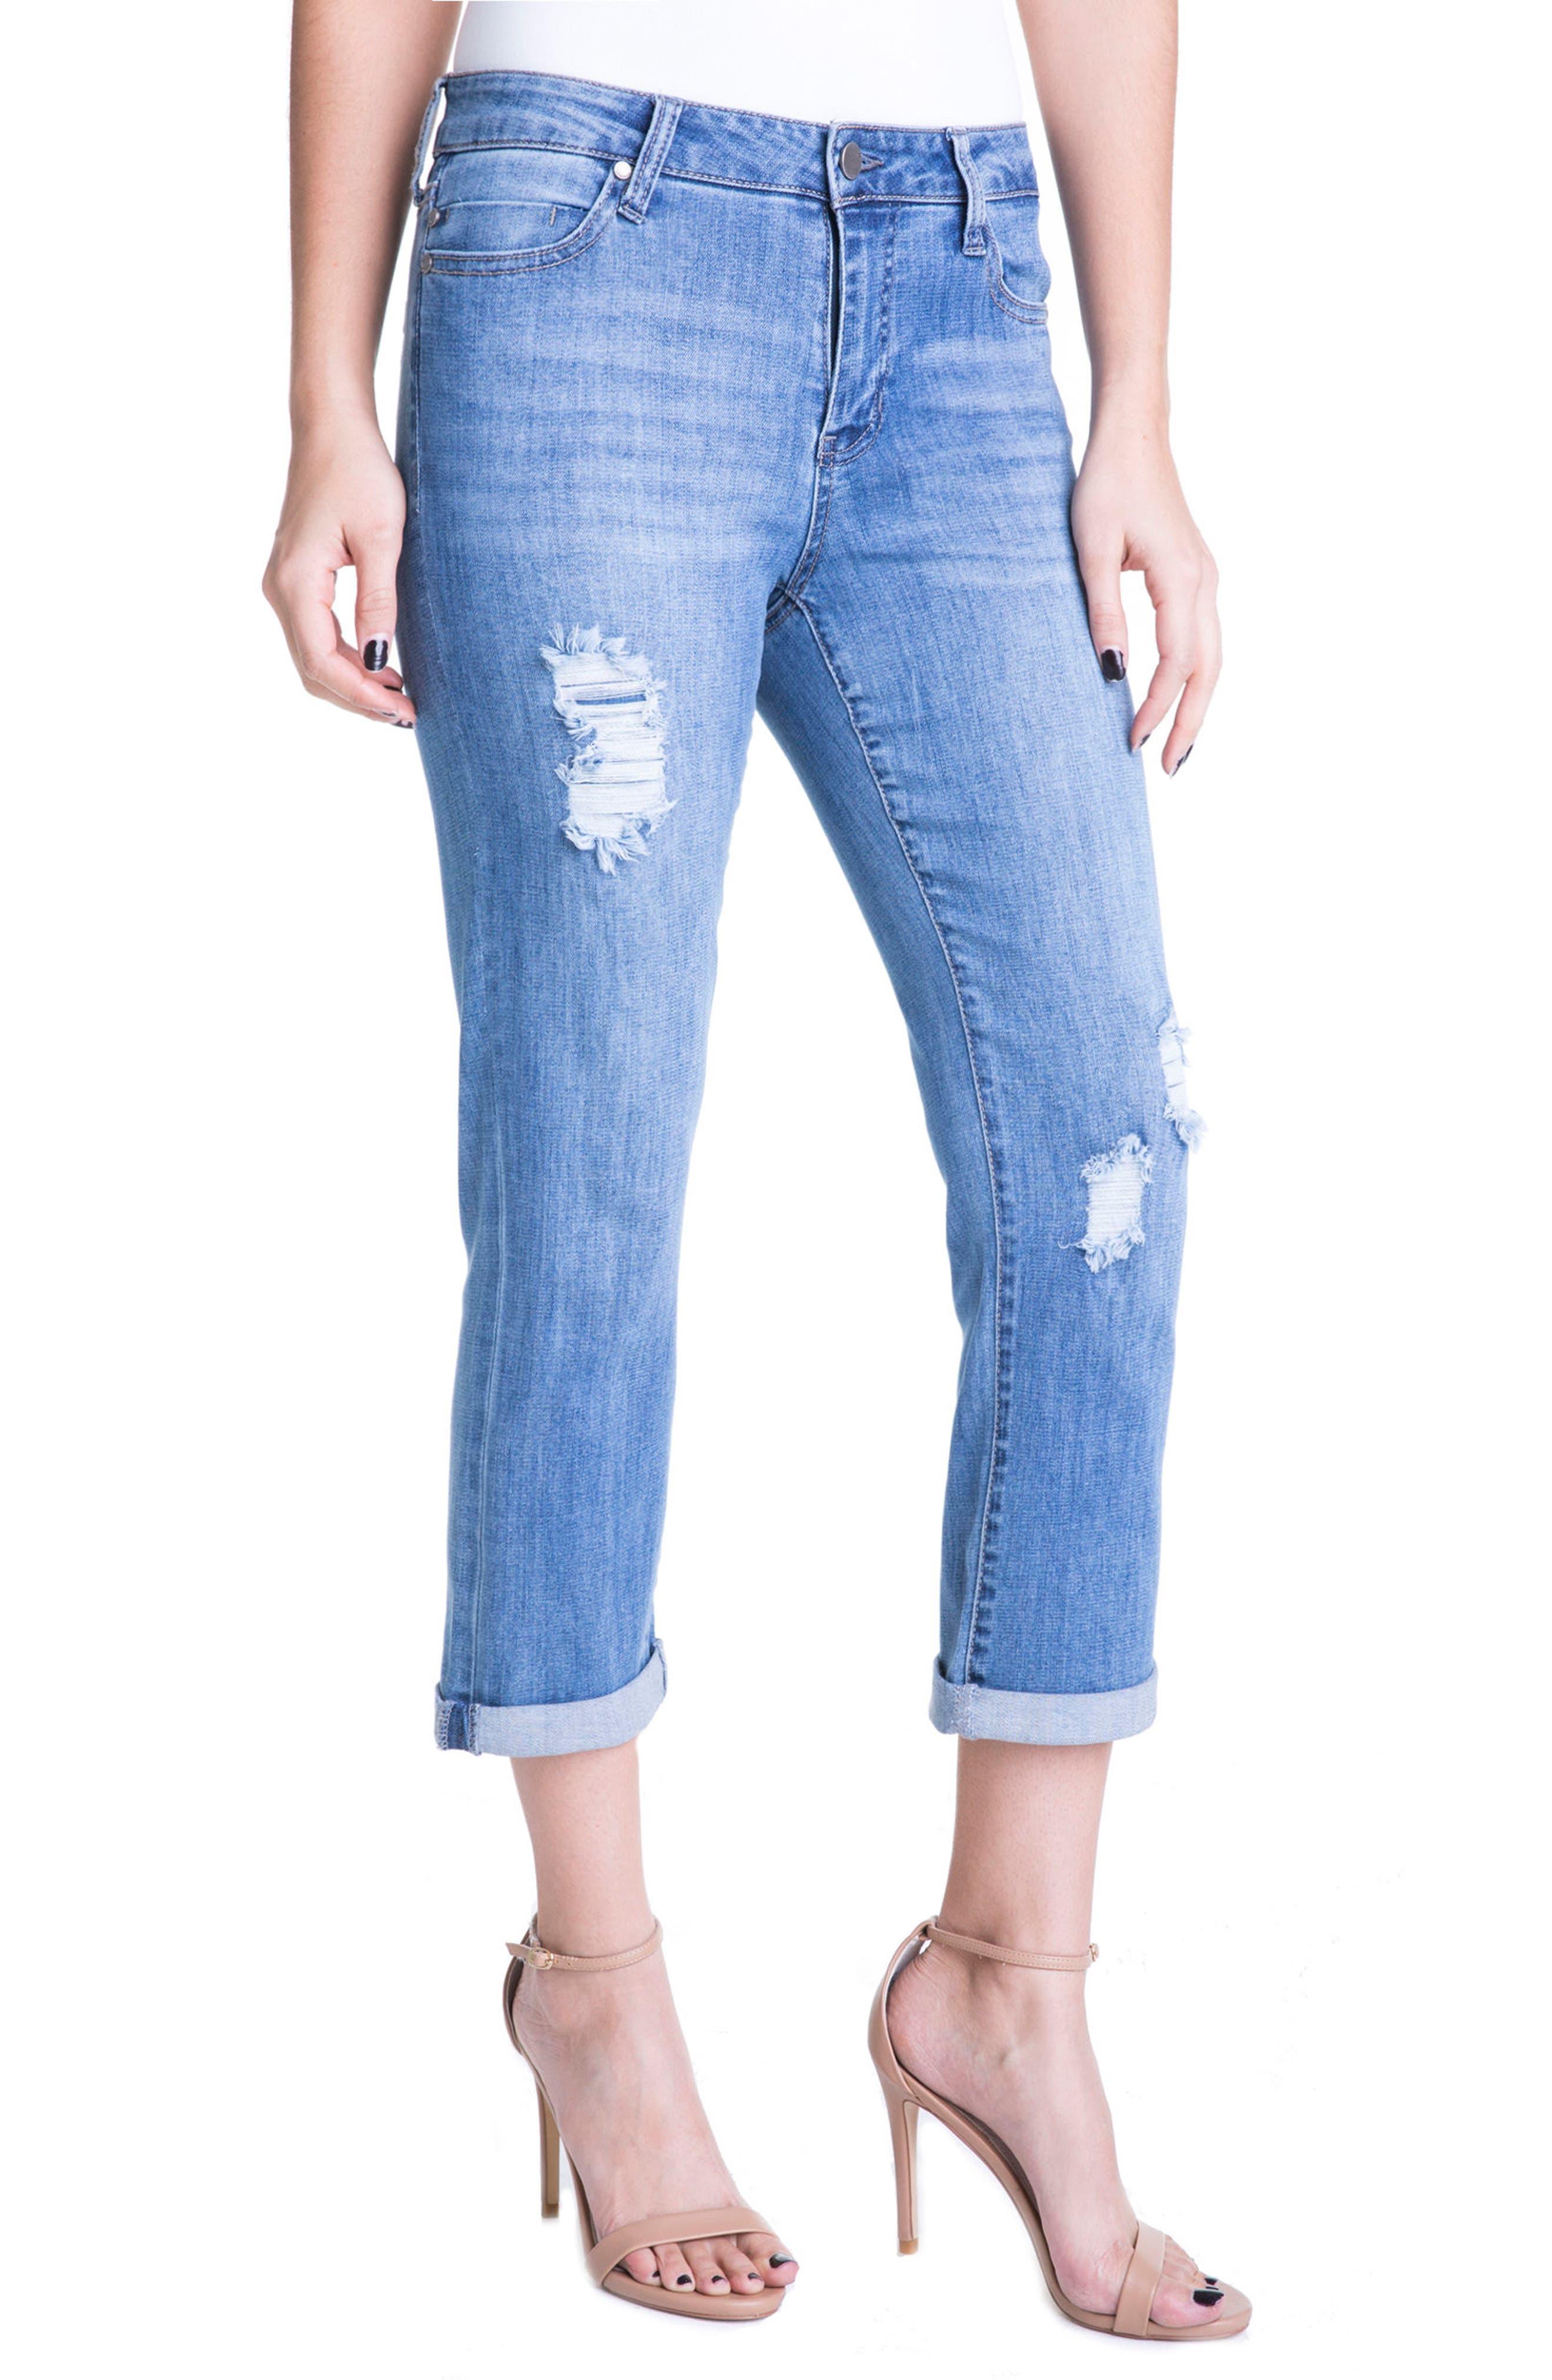 Michelle Distressed Cuff Capri Jeans,                             Alternate thumbnail 3, color,                             Melbourne Light/ Destruction